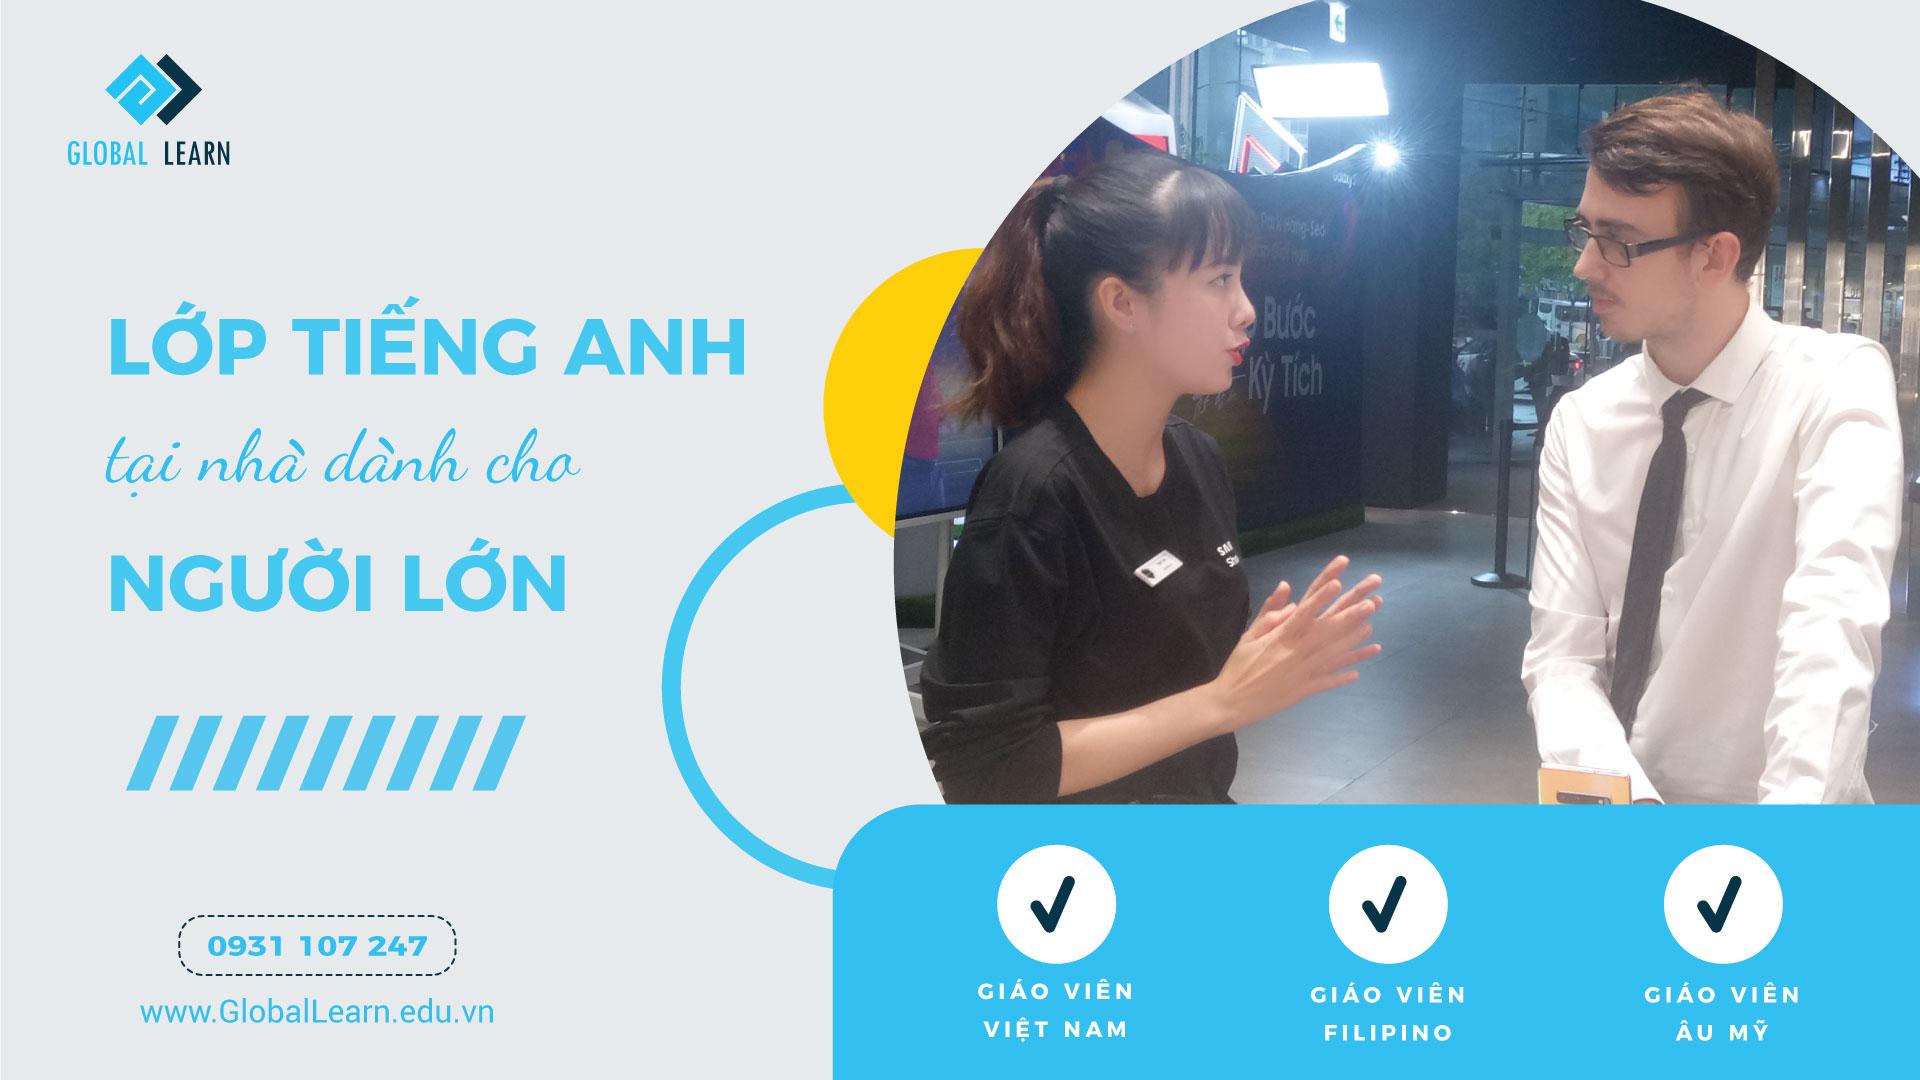 Lop-tieng-anh-tai-nha-danh-cho-nguoi-lon-4.2021